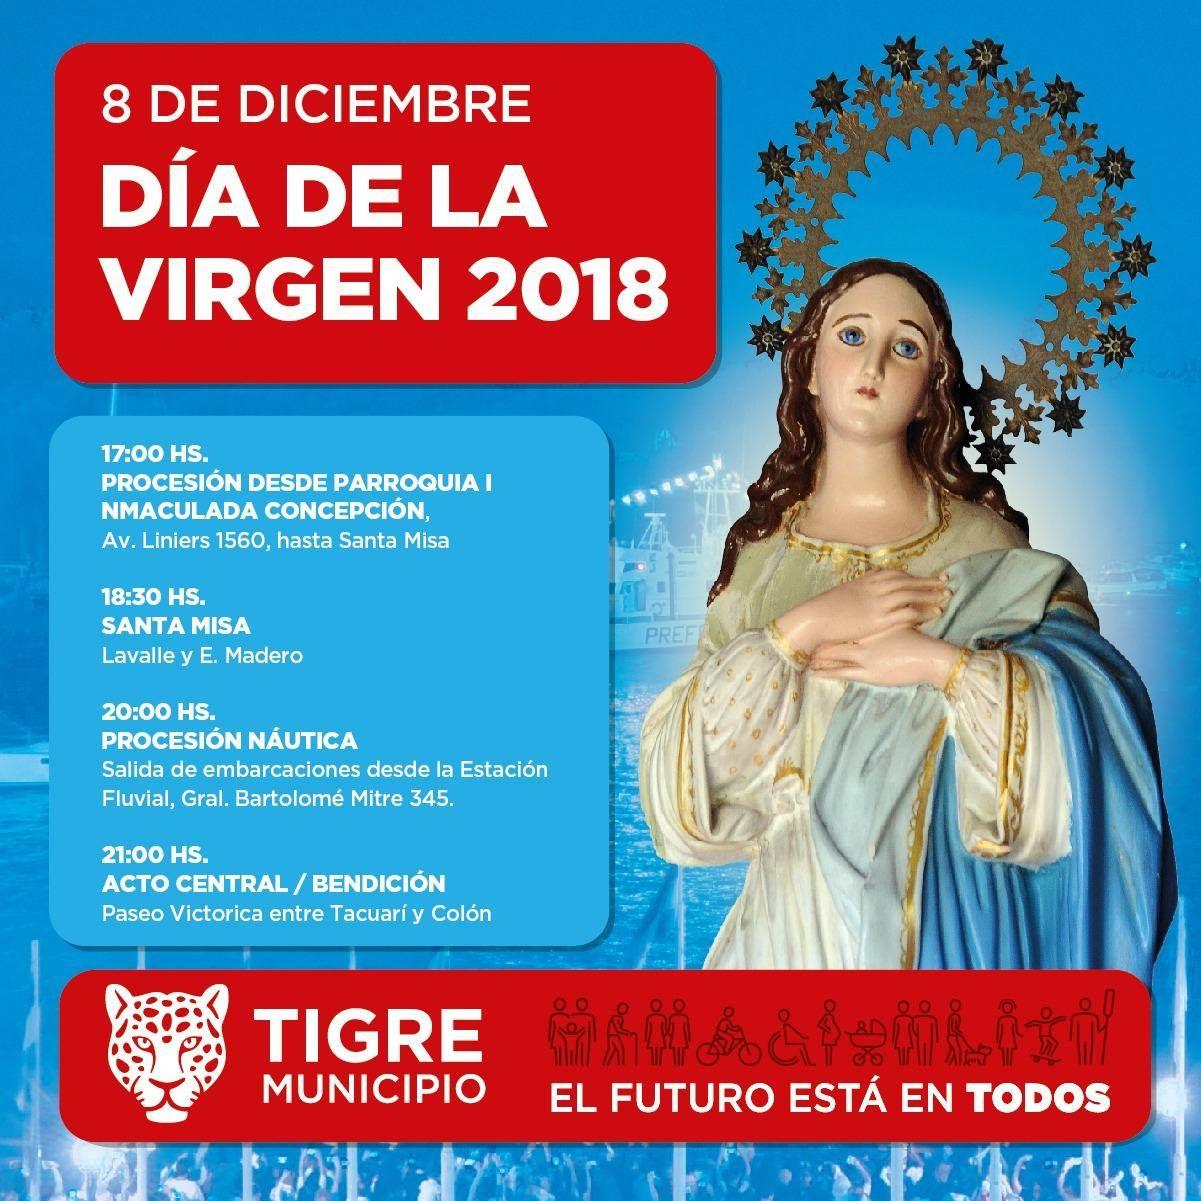 Tigre prepara los festejos del Día de la Virgen